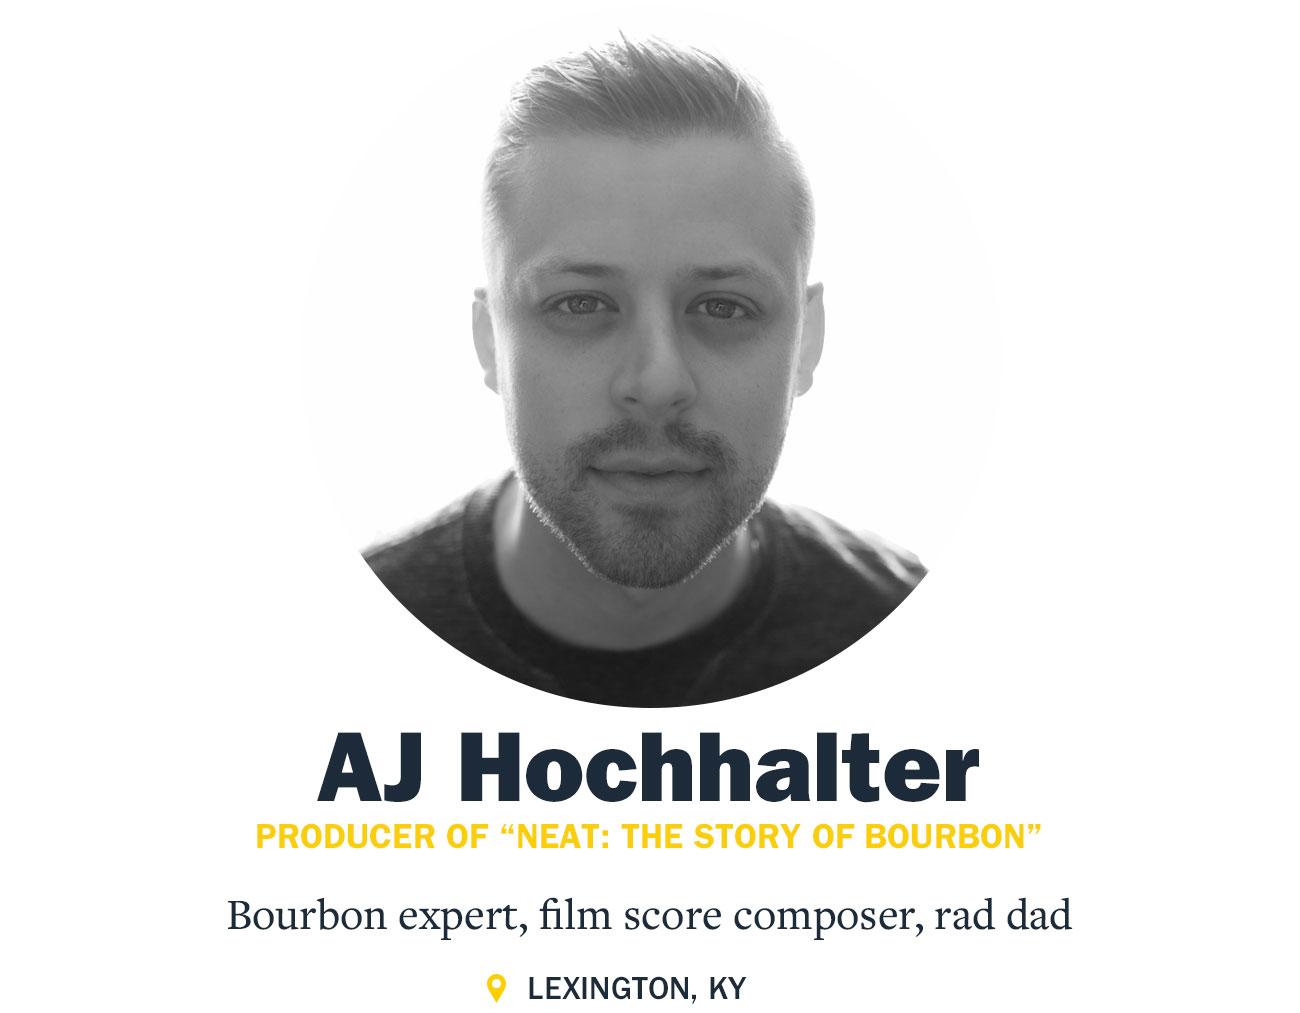 AJ Hochhalter